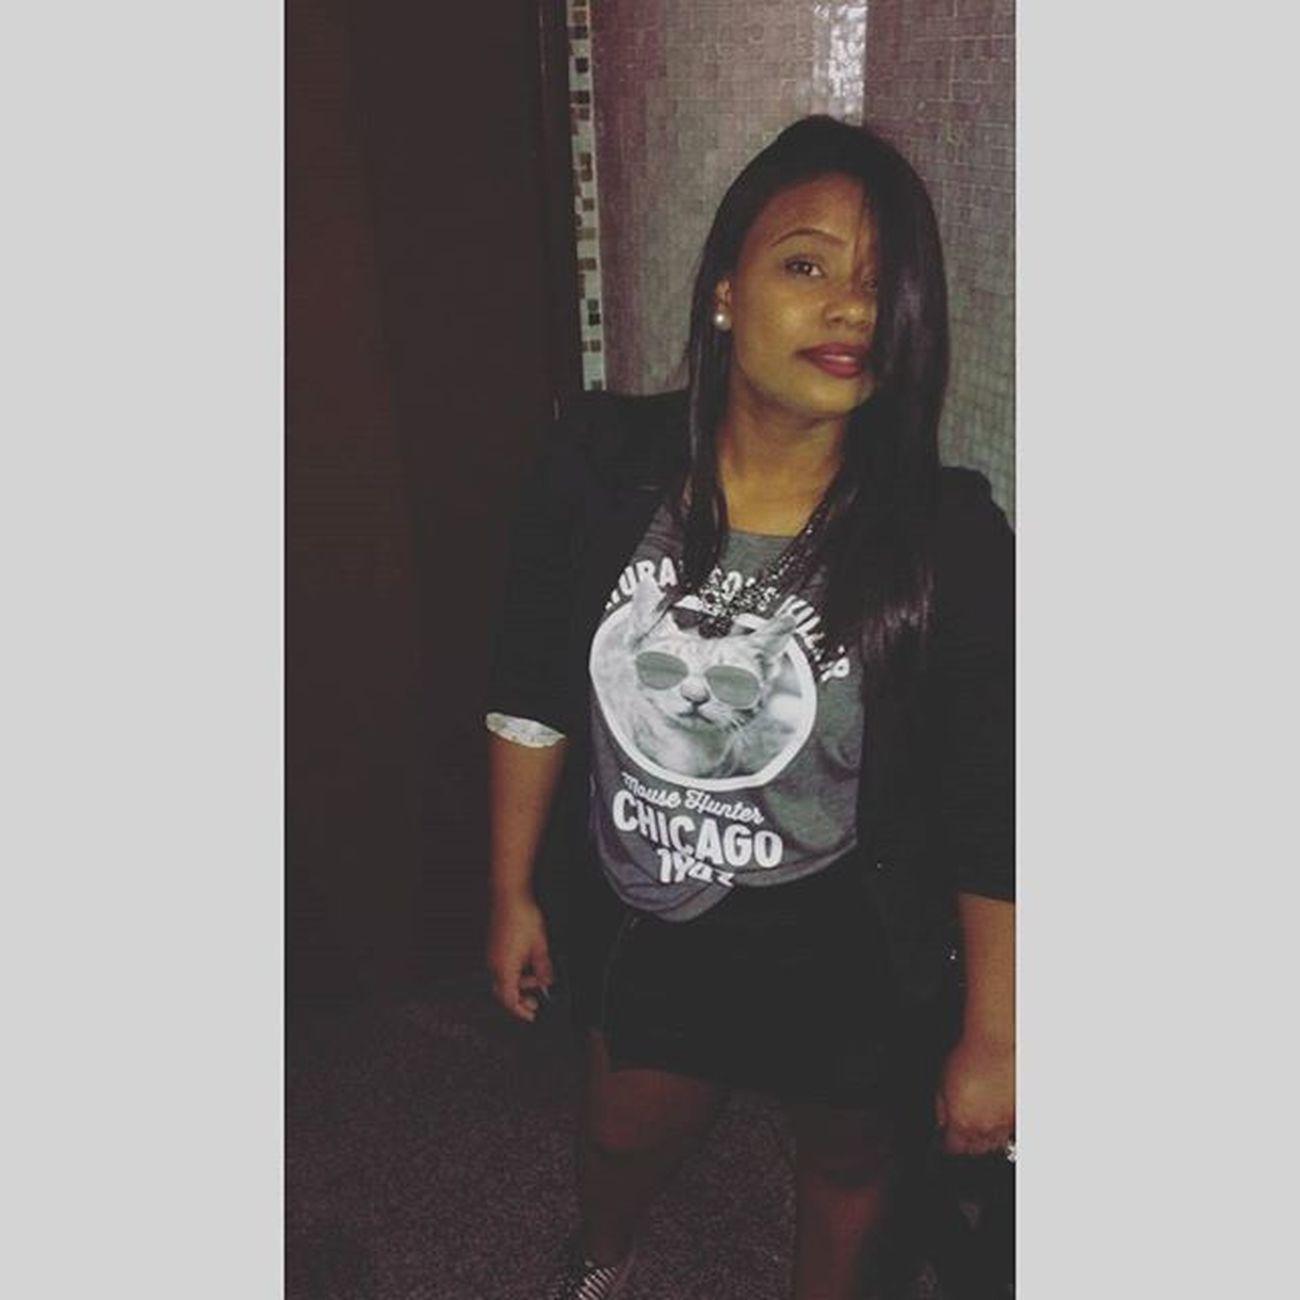 Minha noite, sempre com ela @griffteriaboutique Botaprajogo @lionsclub Lionsclub SP Lovecity  Noite Relax Fun Friends Enjoylife Slay Club Night